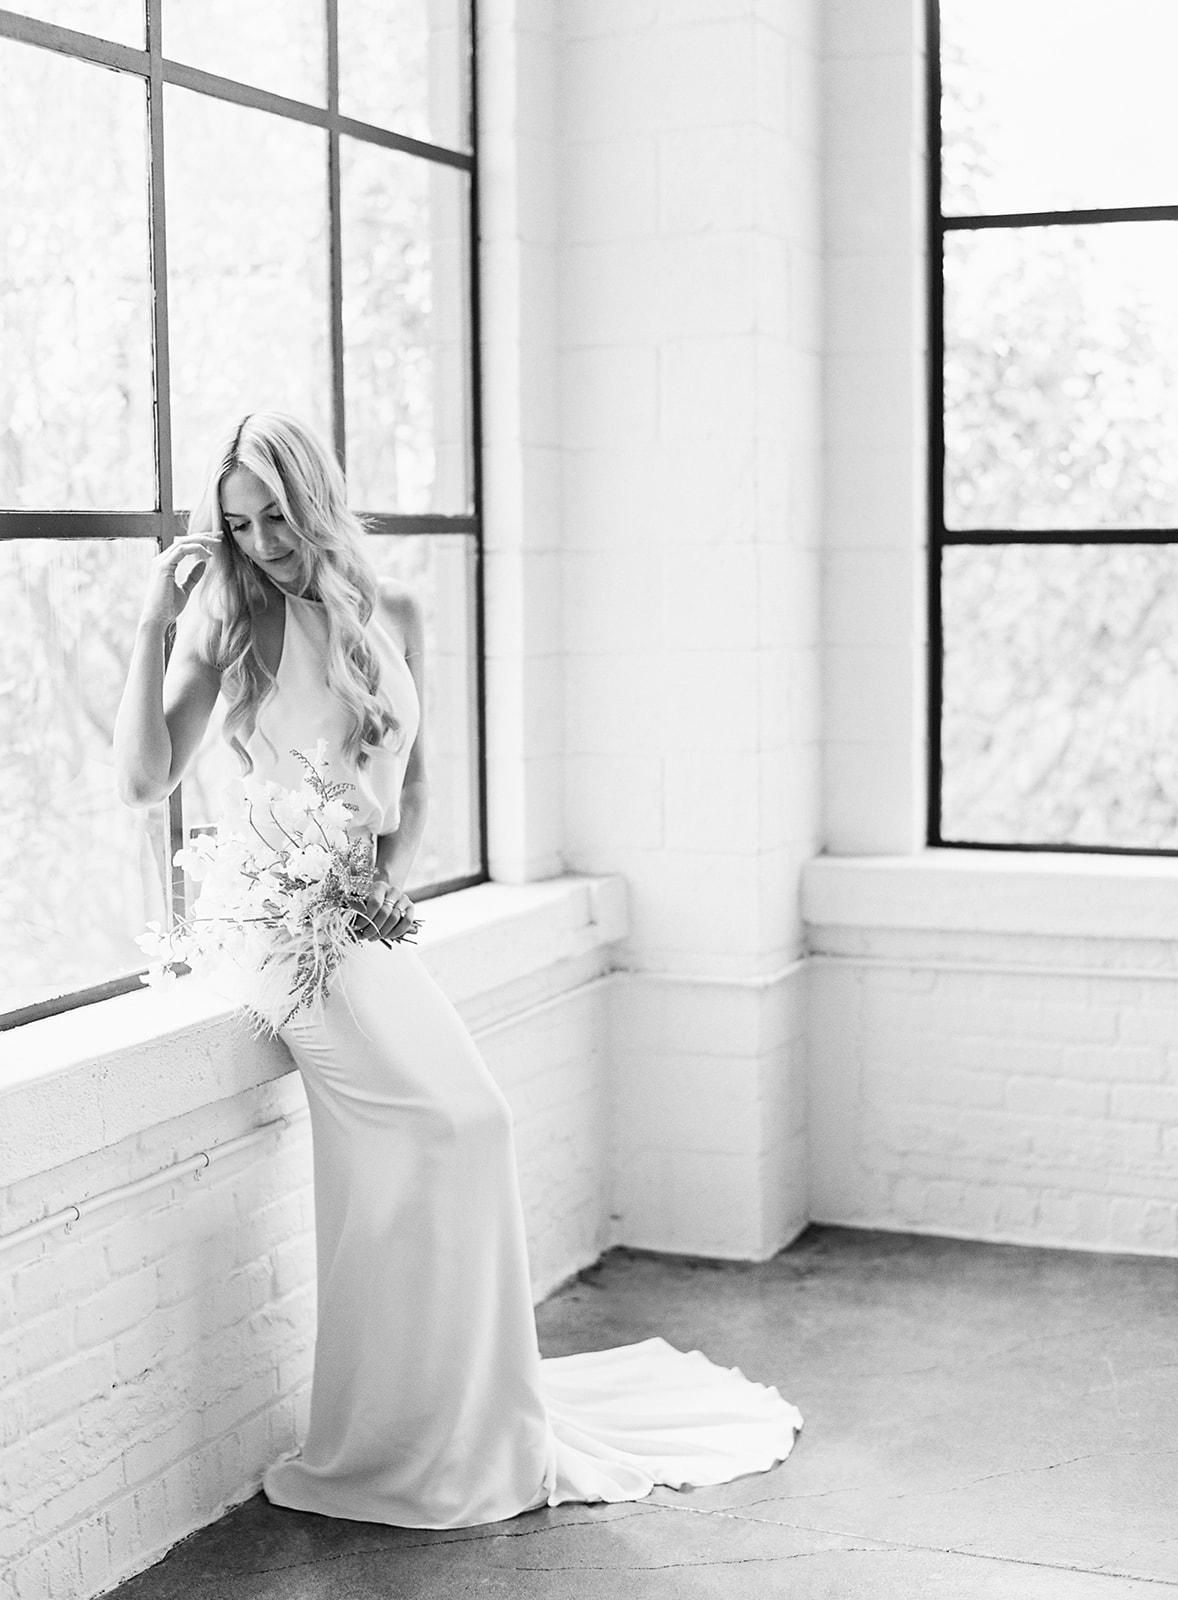 Nathalie_Cheng_Photography_Erica_Estrada_Design_CEREAL_Editorial_091.jpg